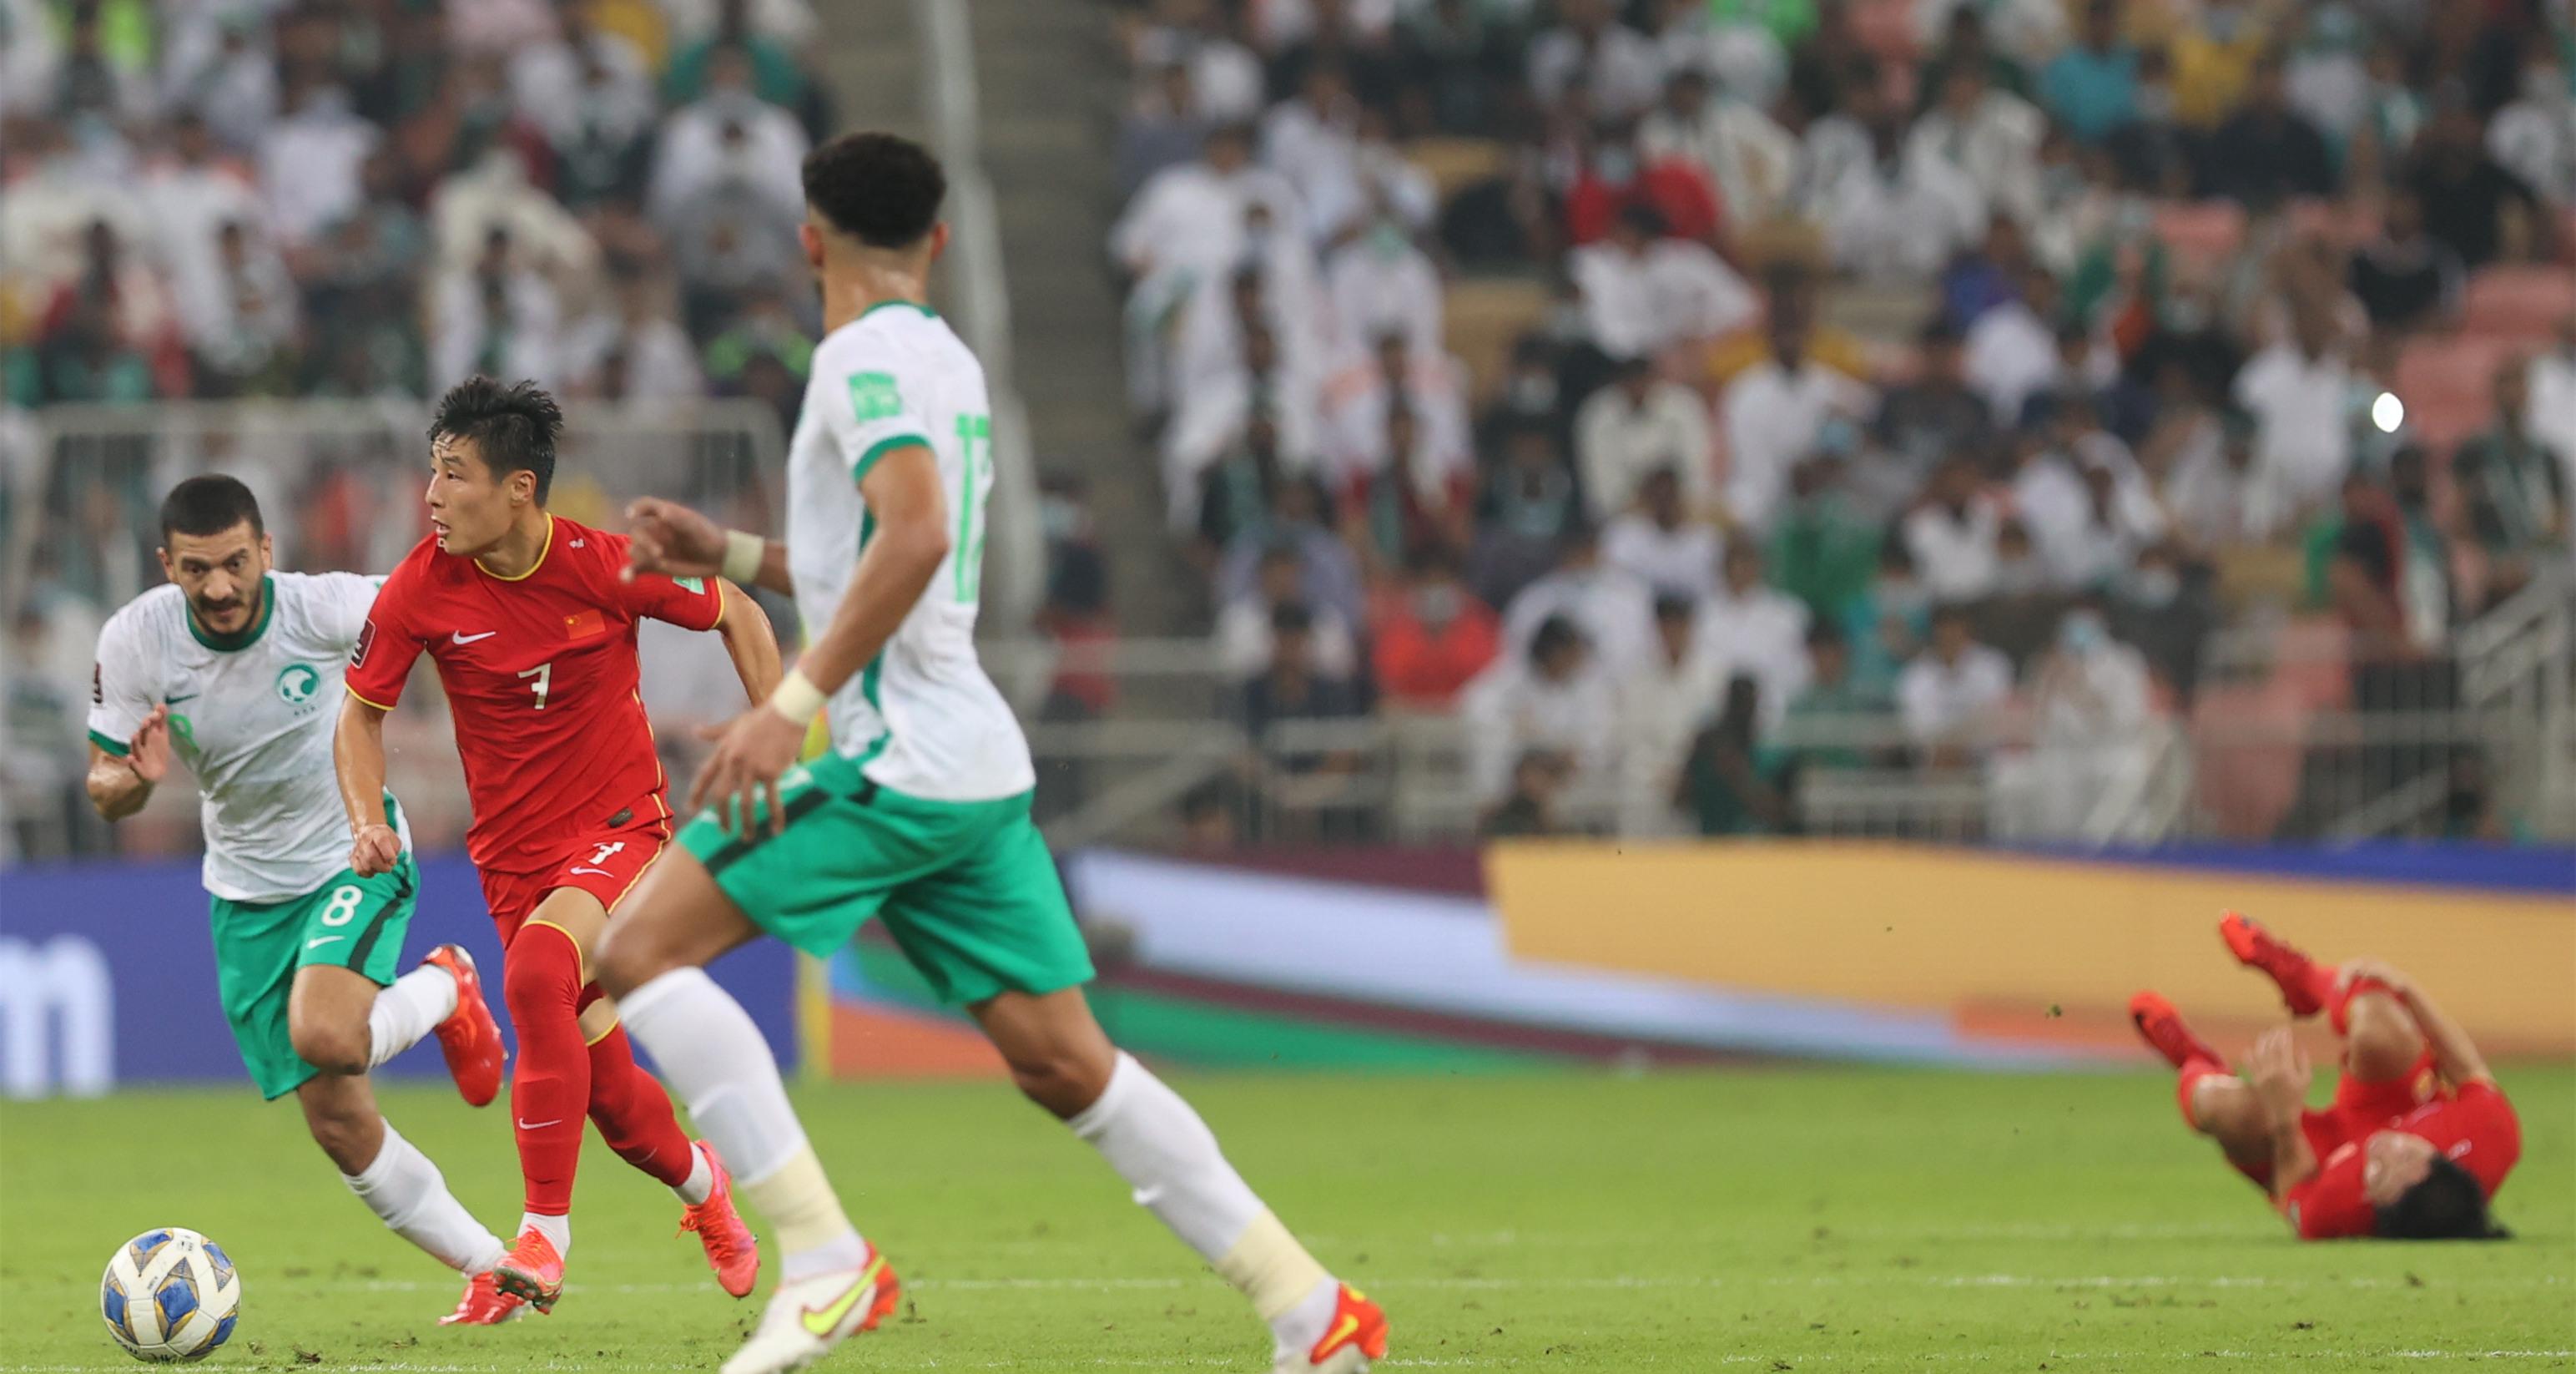 世預賽12強賽:中國隊不敵沙特隊